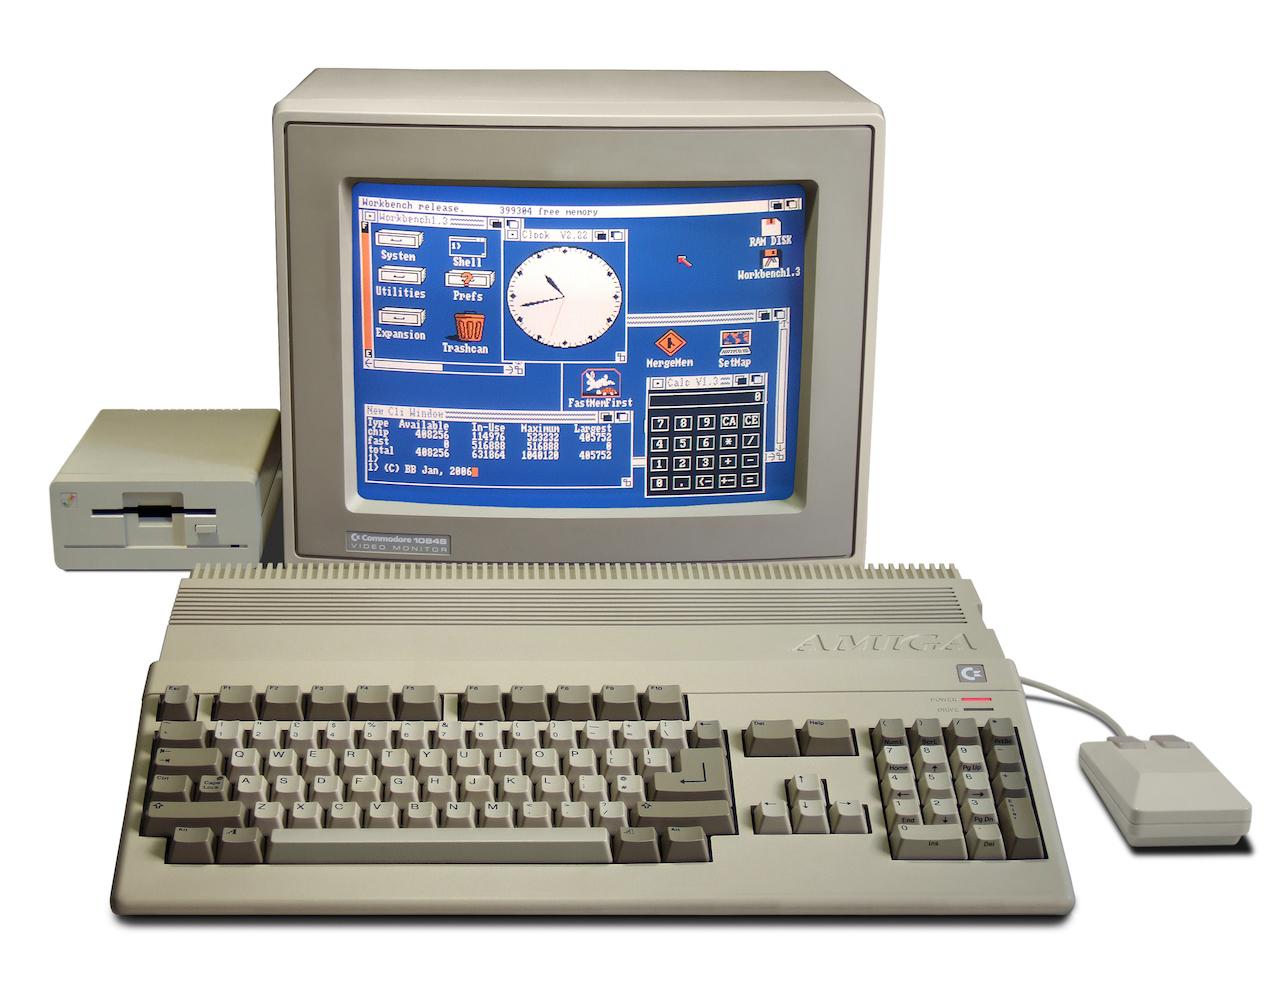 Et nytt Amiga-system slippes i år, og skal være kompatibelt med Amiga 500.